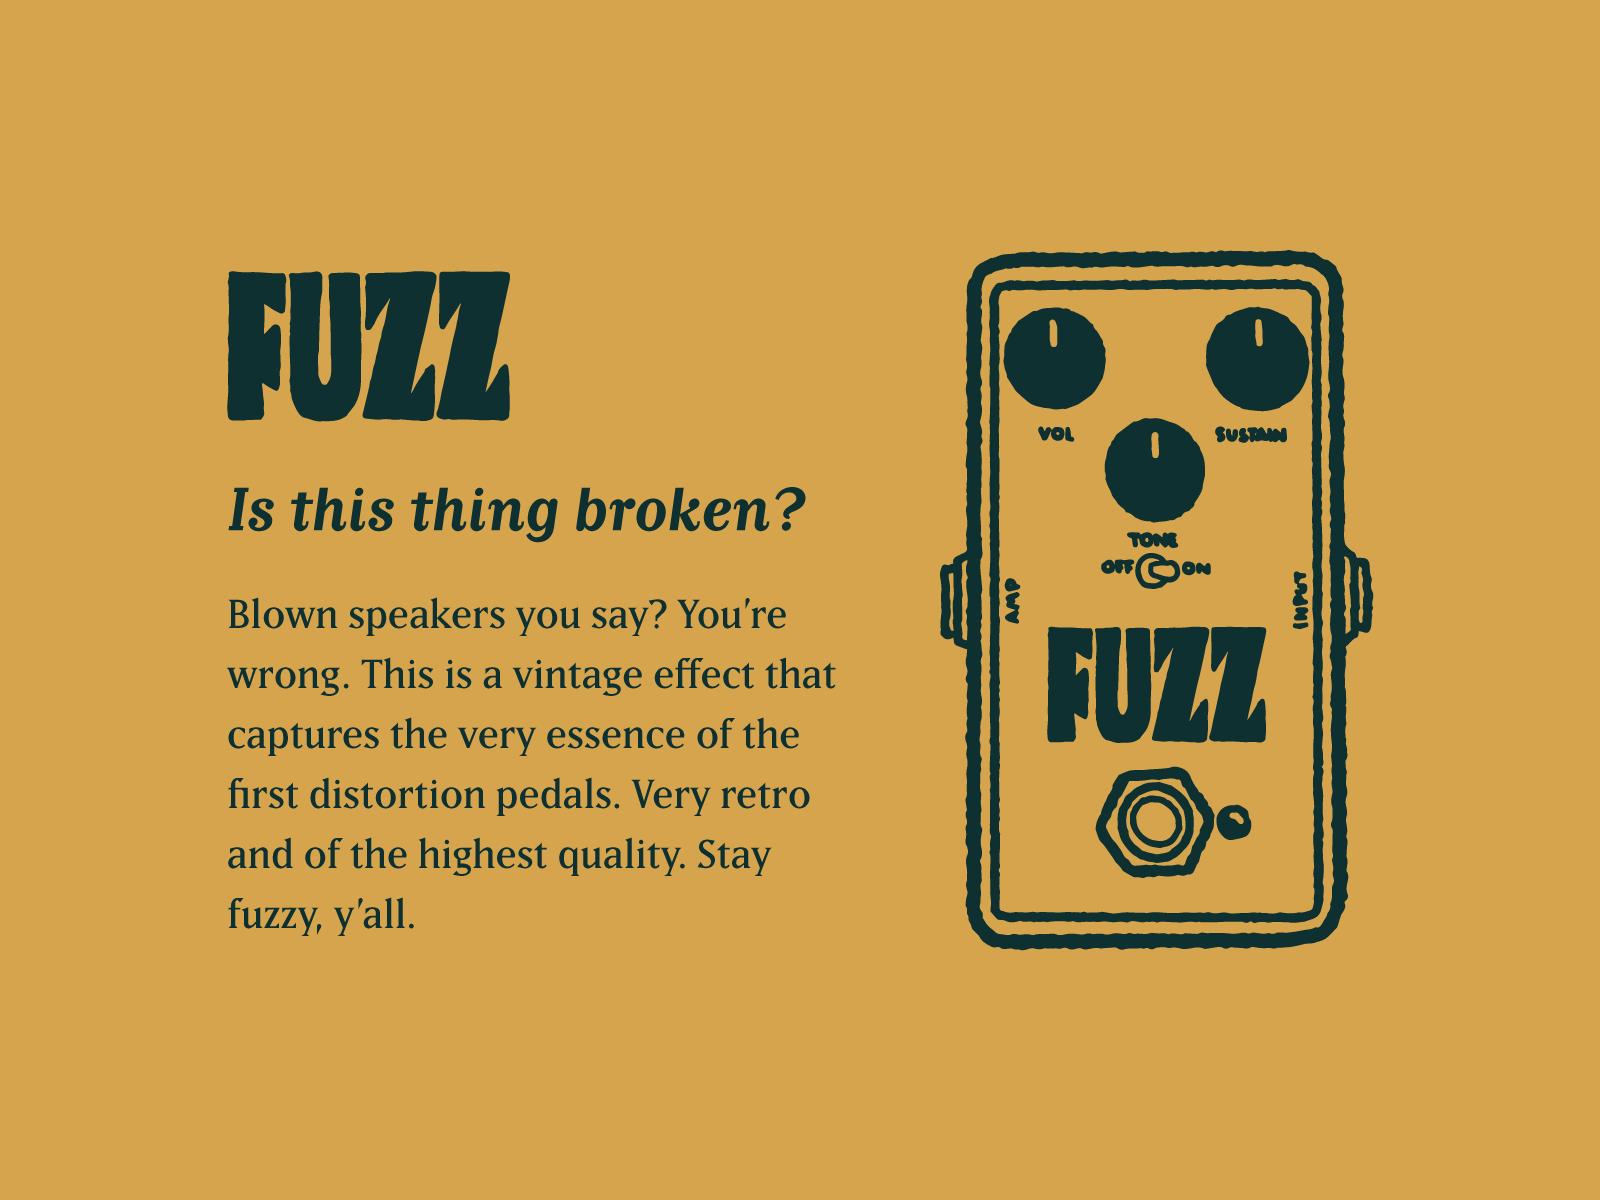 Fuzz1